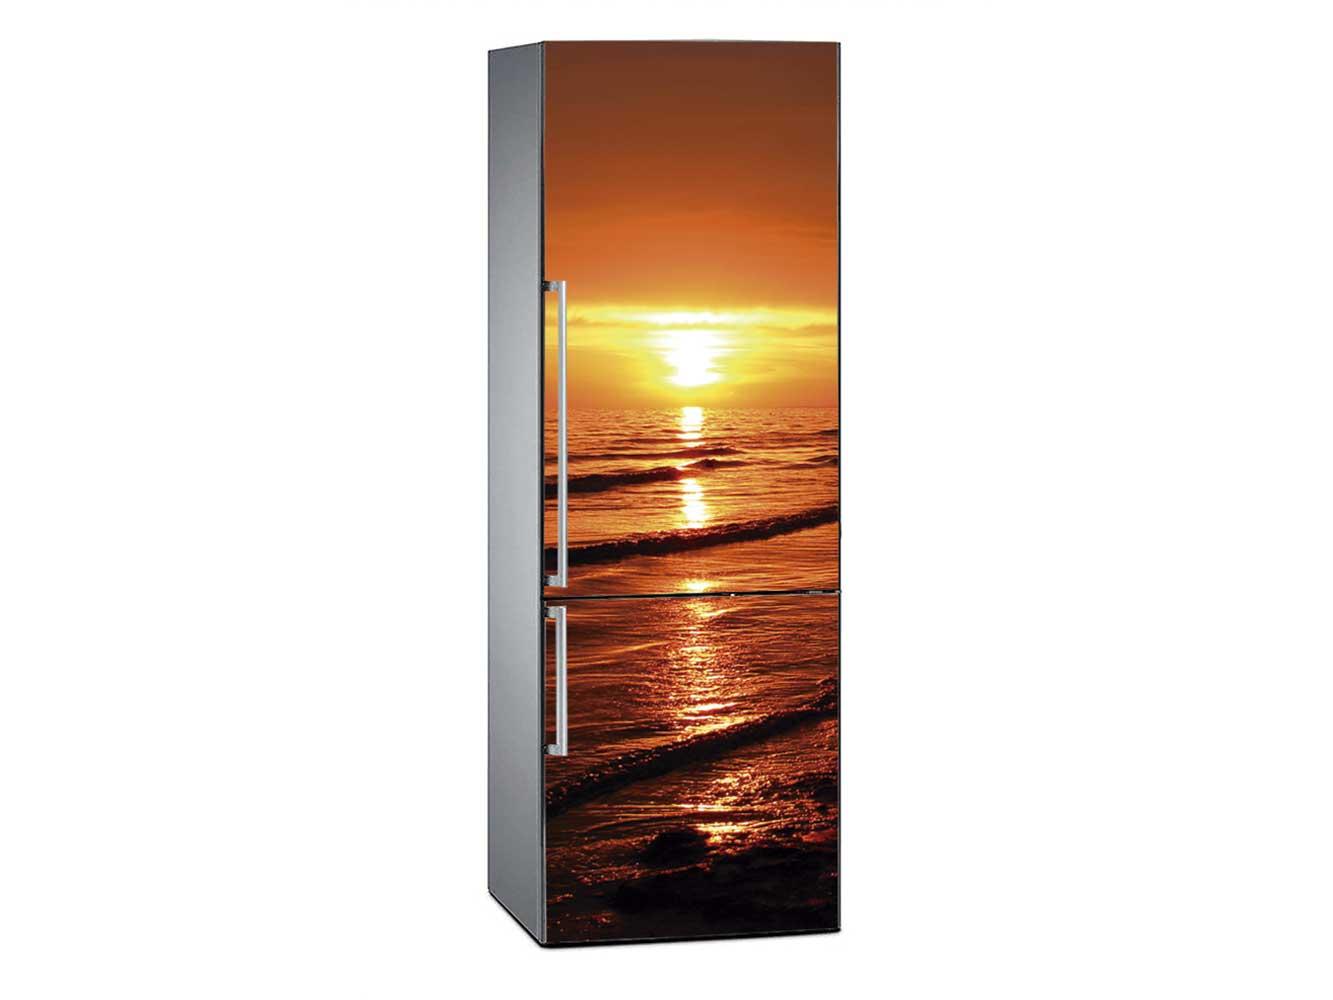 Vinilo Frigorífico Puesta de Sol Mar Negro | Carteles XXL - Impresión carteleria publicitaria